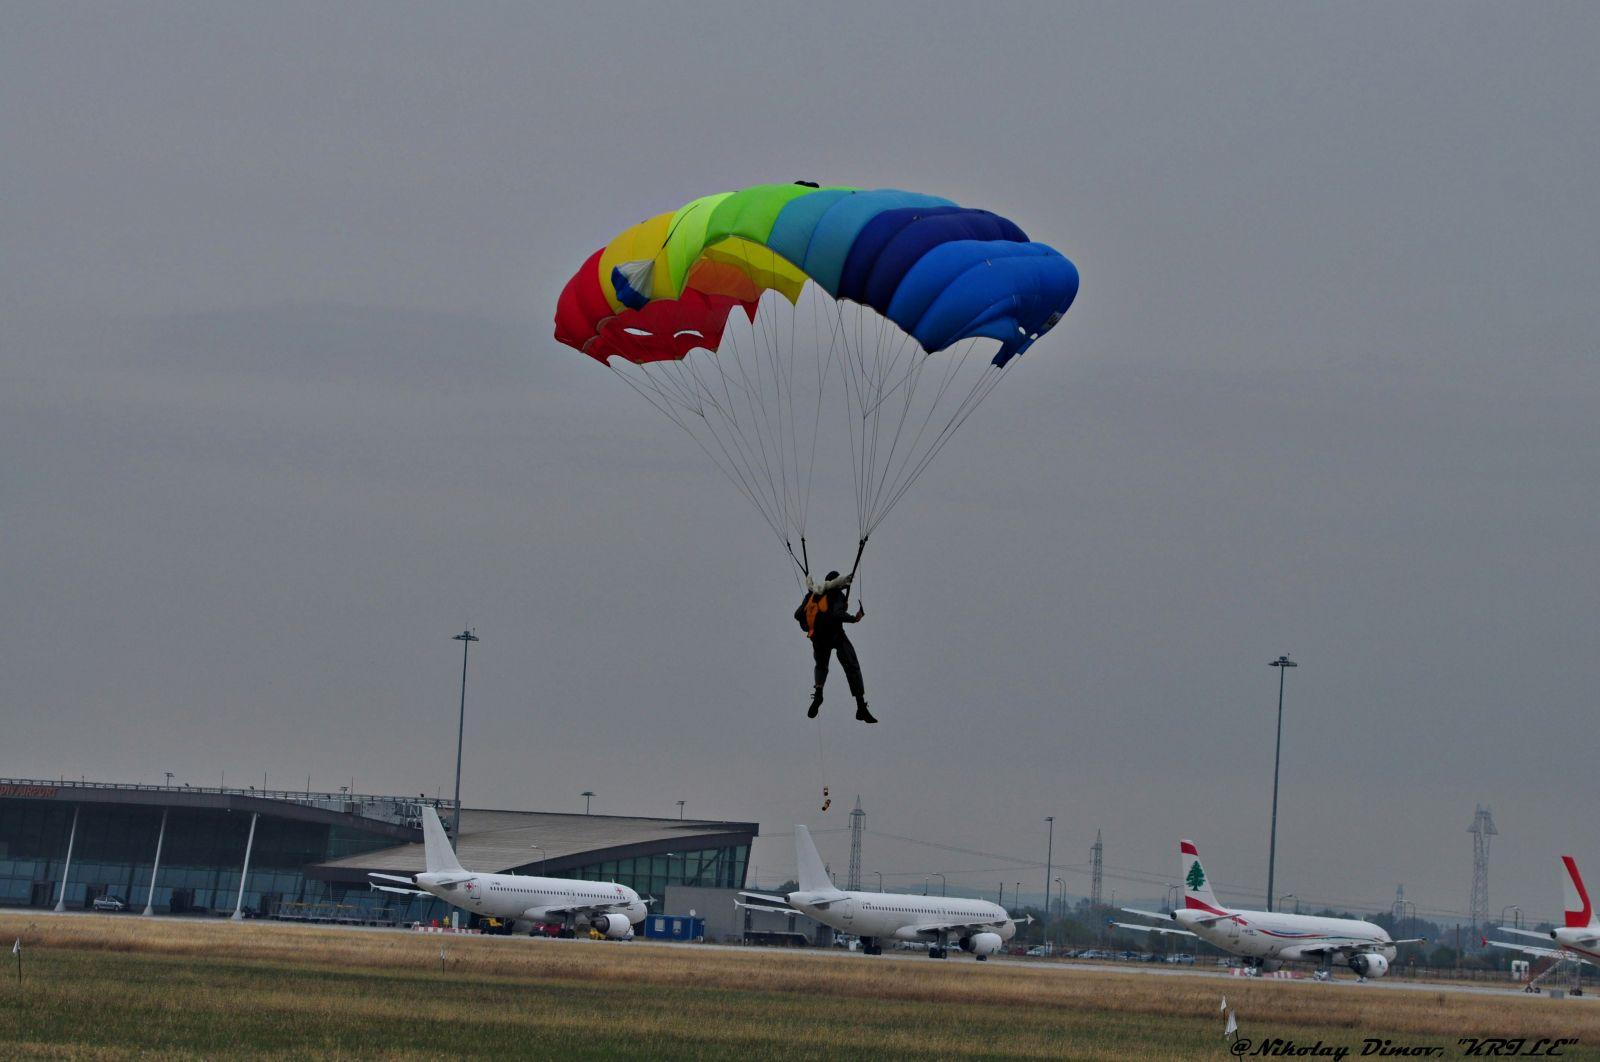 Тържествено отбелязване на празника на 24-та Авиобаза Крумово (фотогалерия и видео) - 1 част